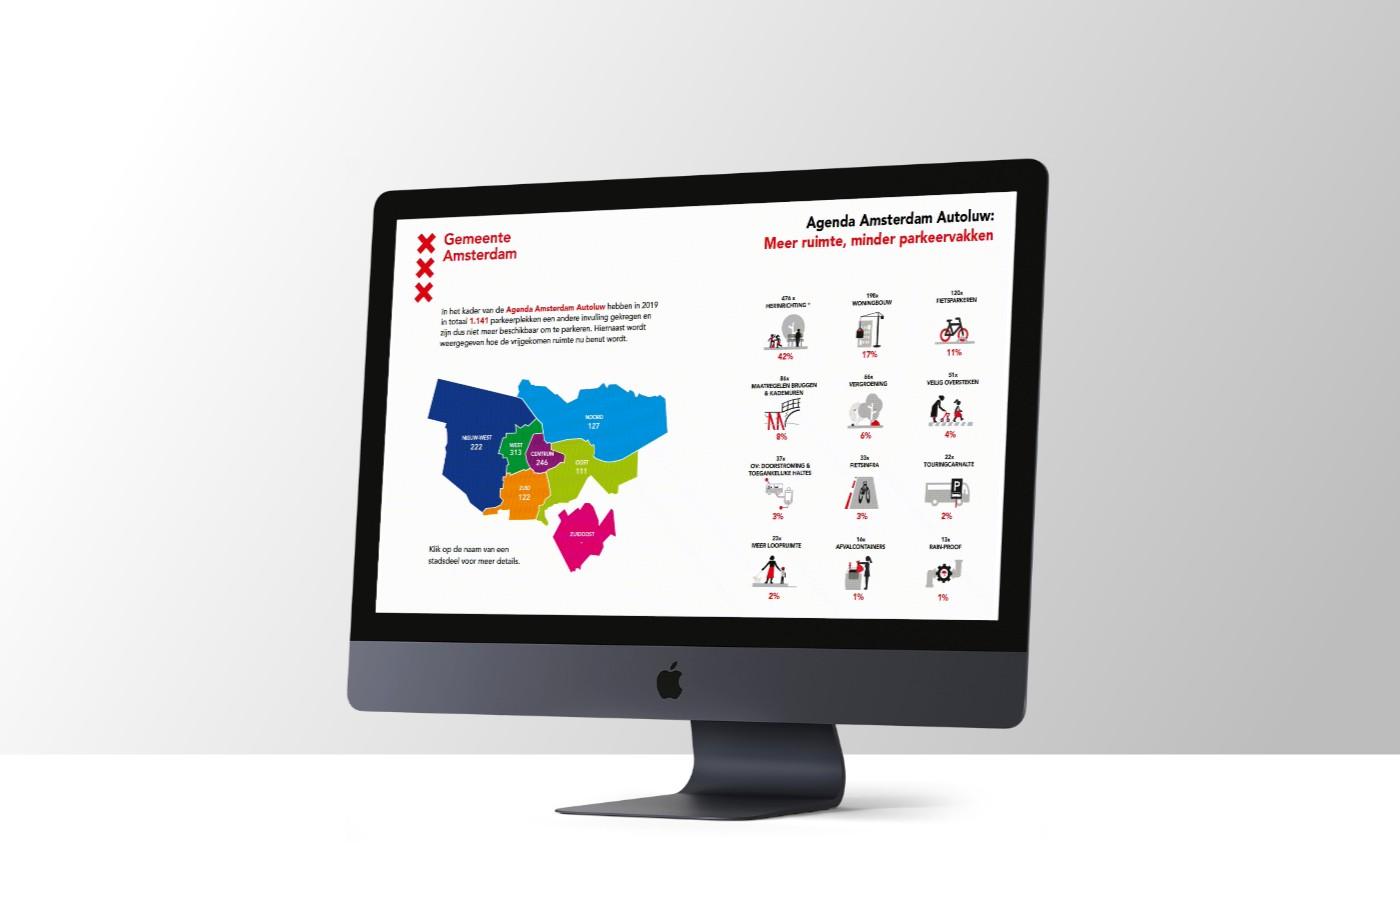 interactieve visuele rapportage voor gemeente amsterdam over agenda amsterdam autoluw